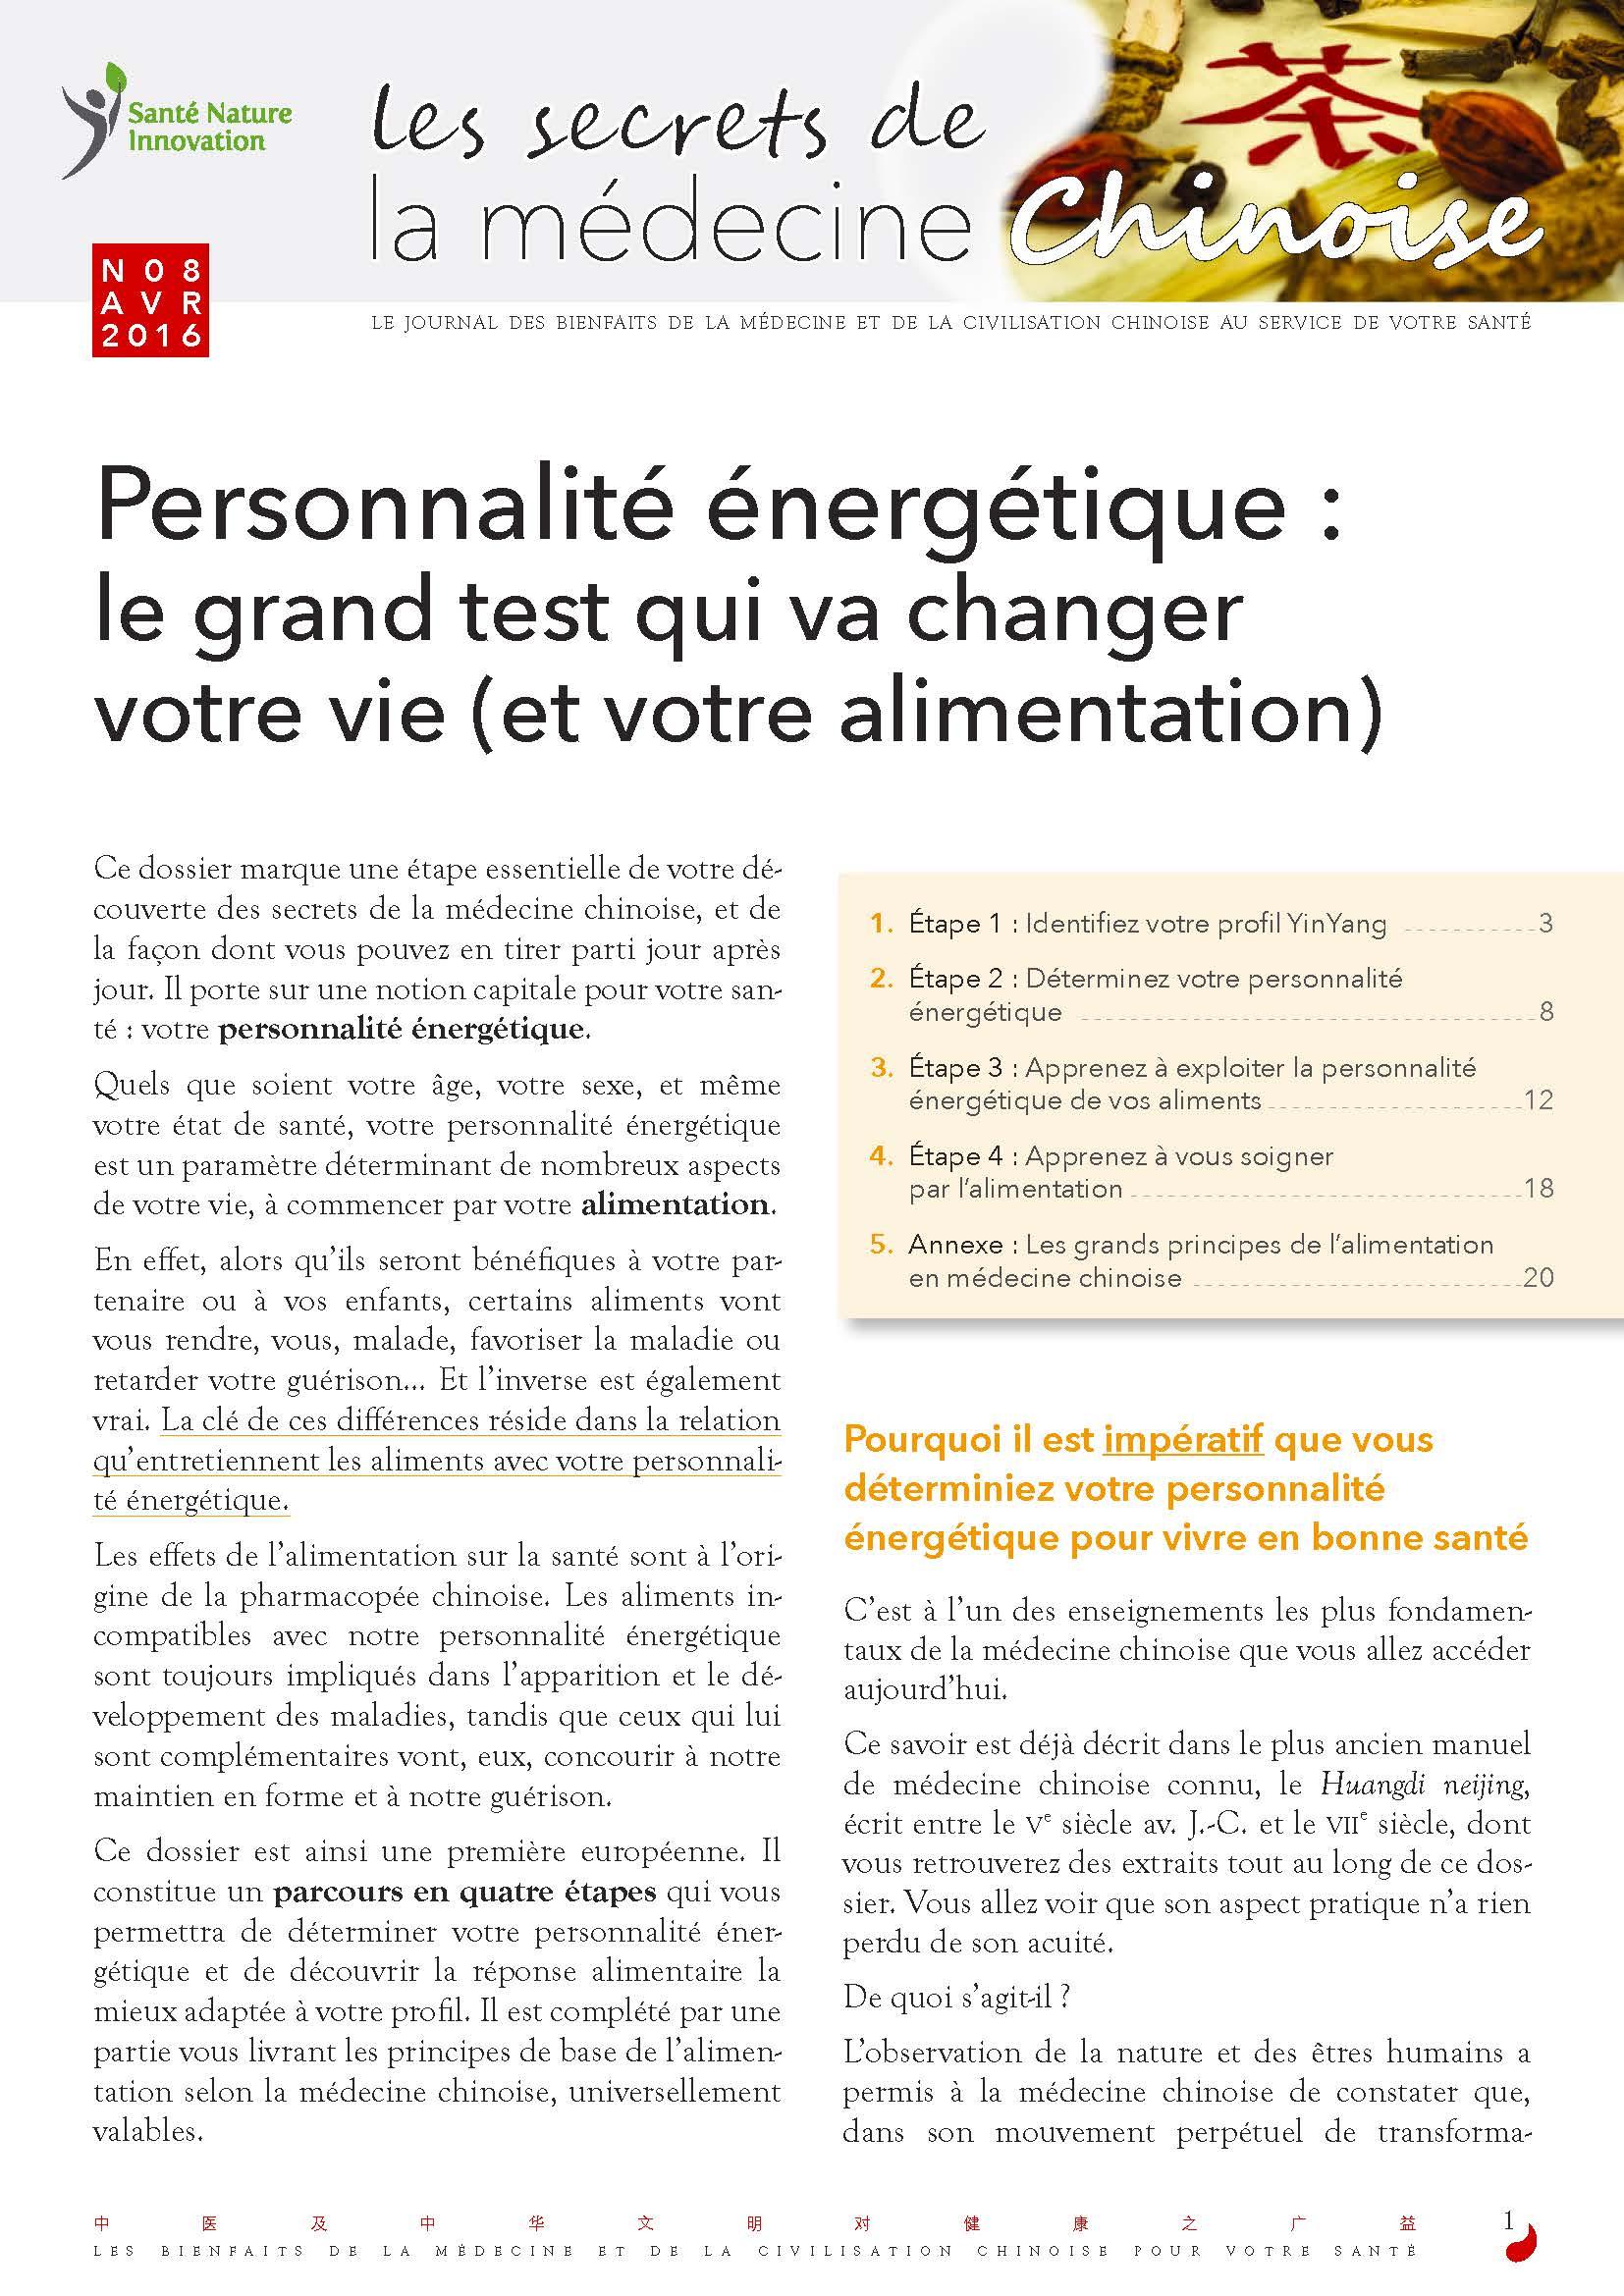 08 PERSONNALITE ENERGETIQUE 1